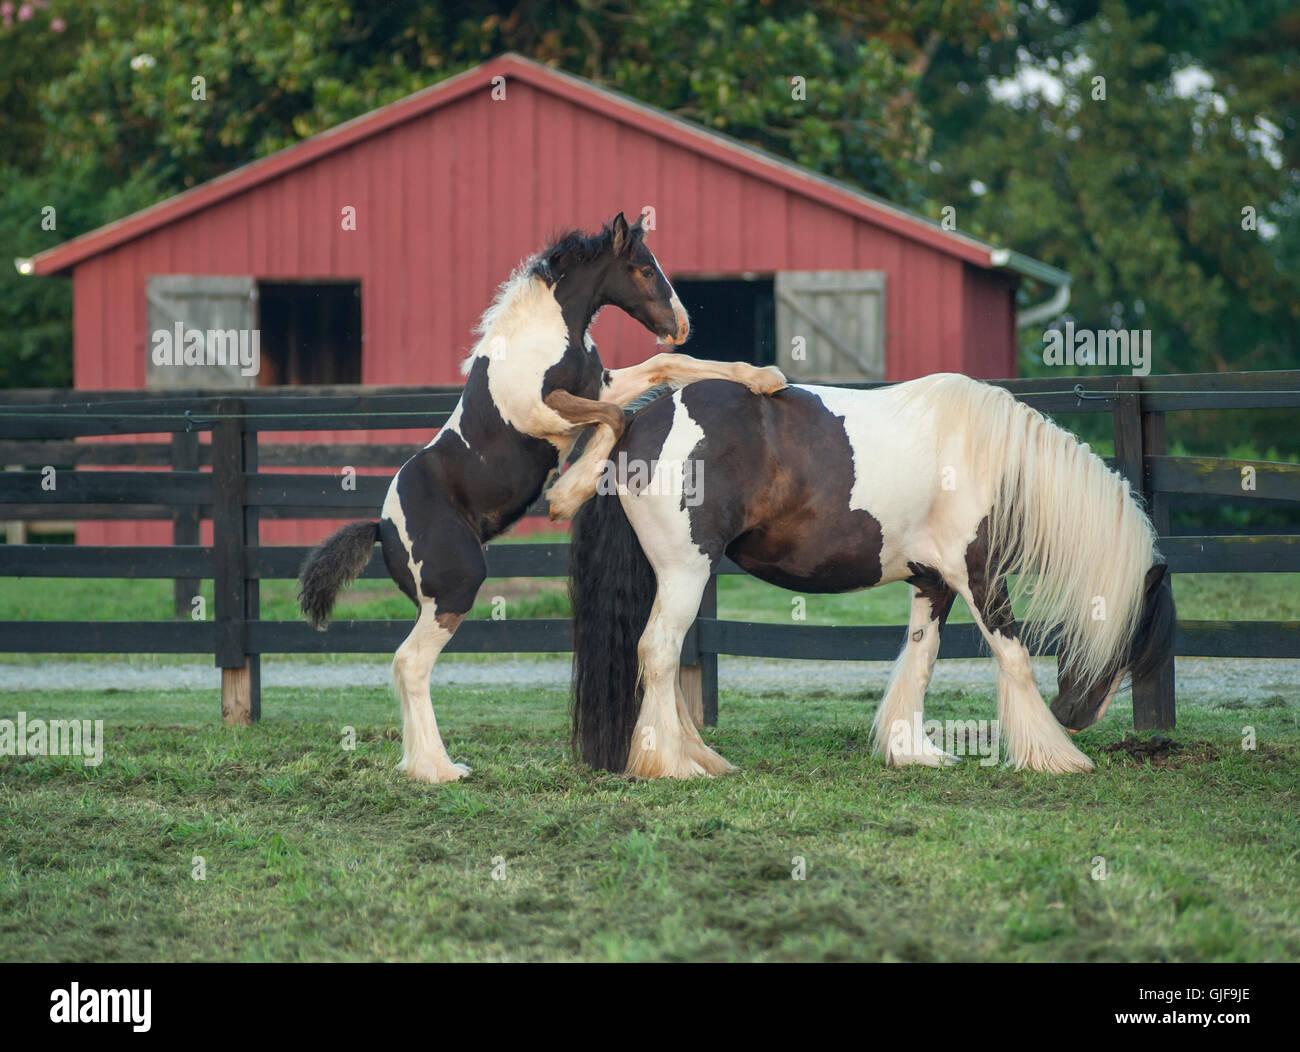 Gypsy Vanner cavallo mare e puledro Immagini Stock